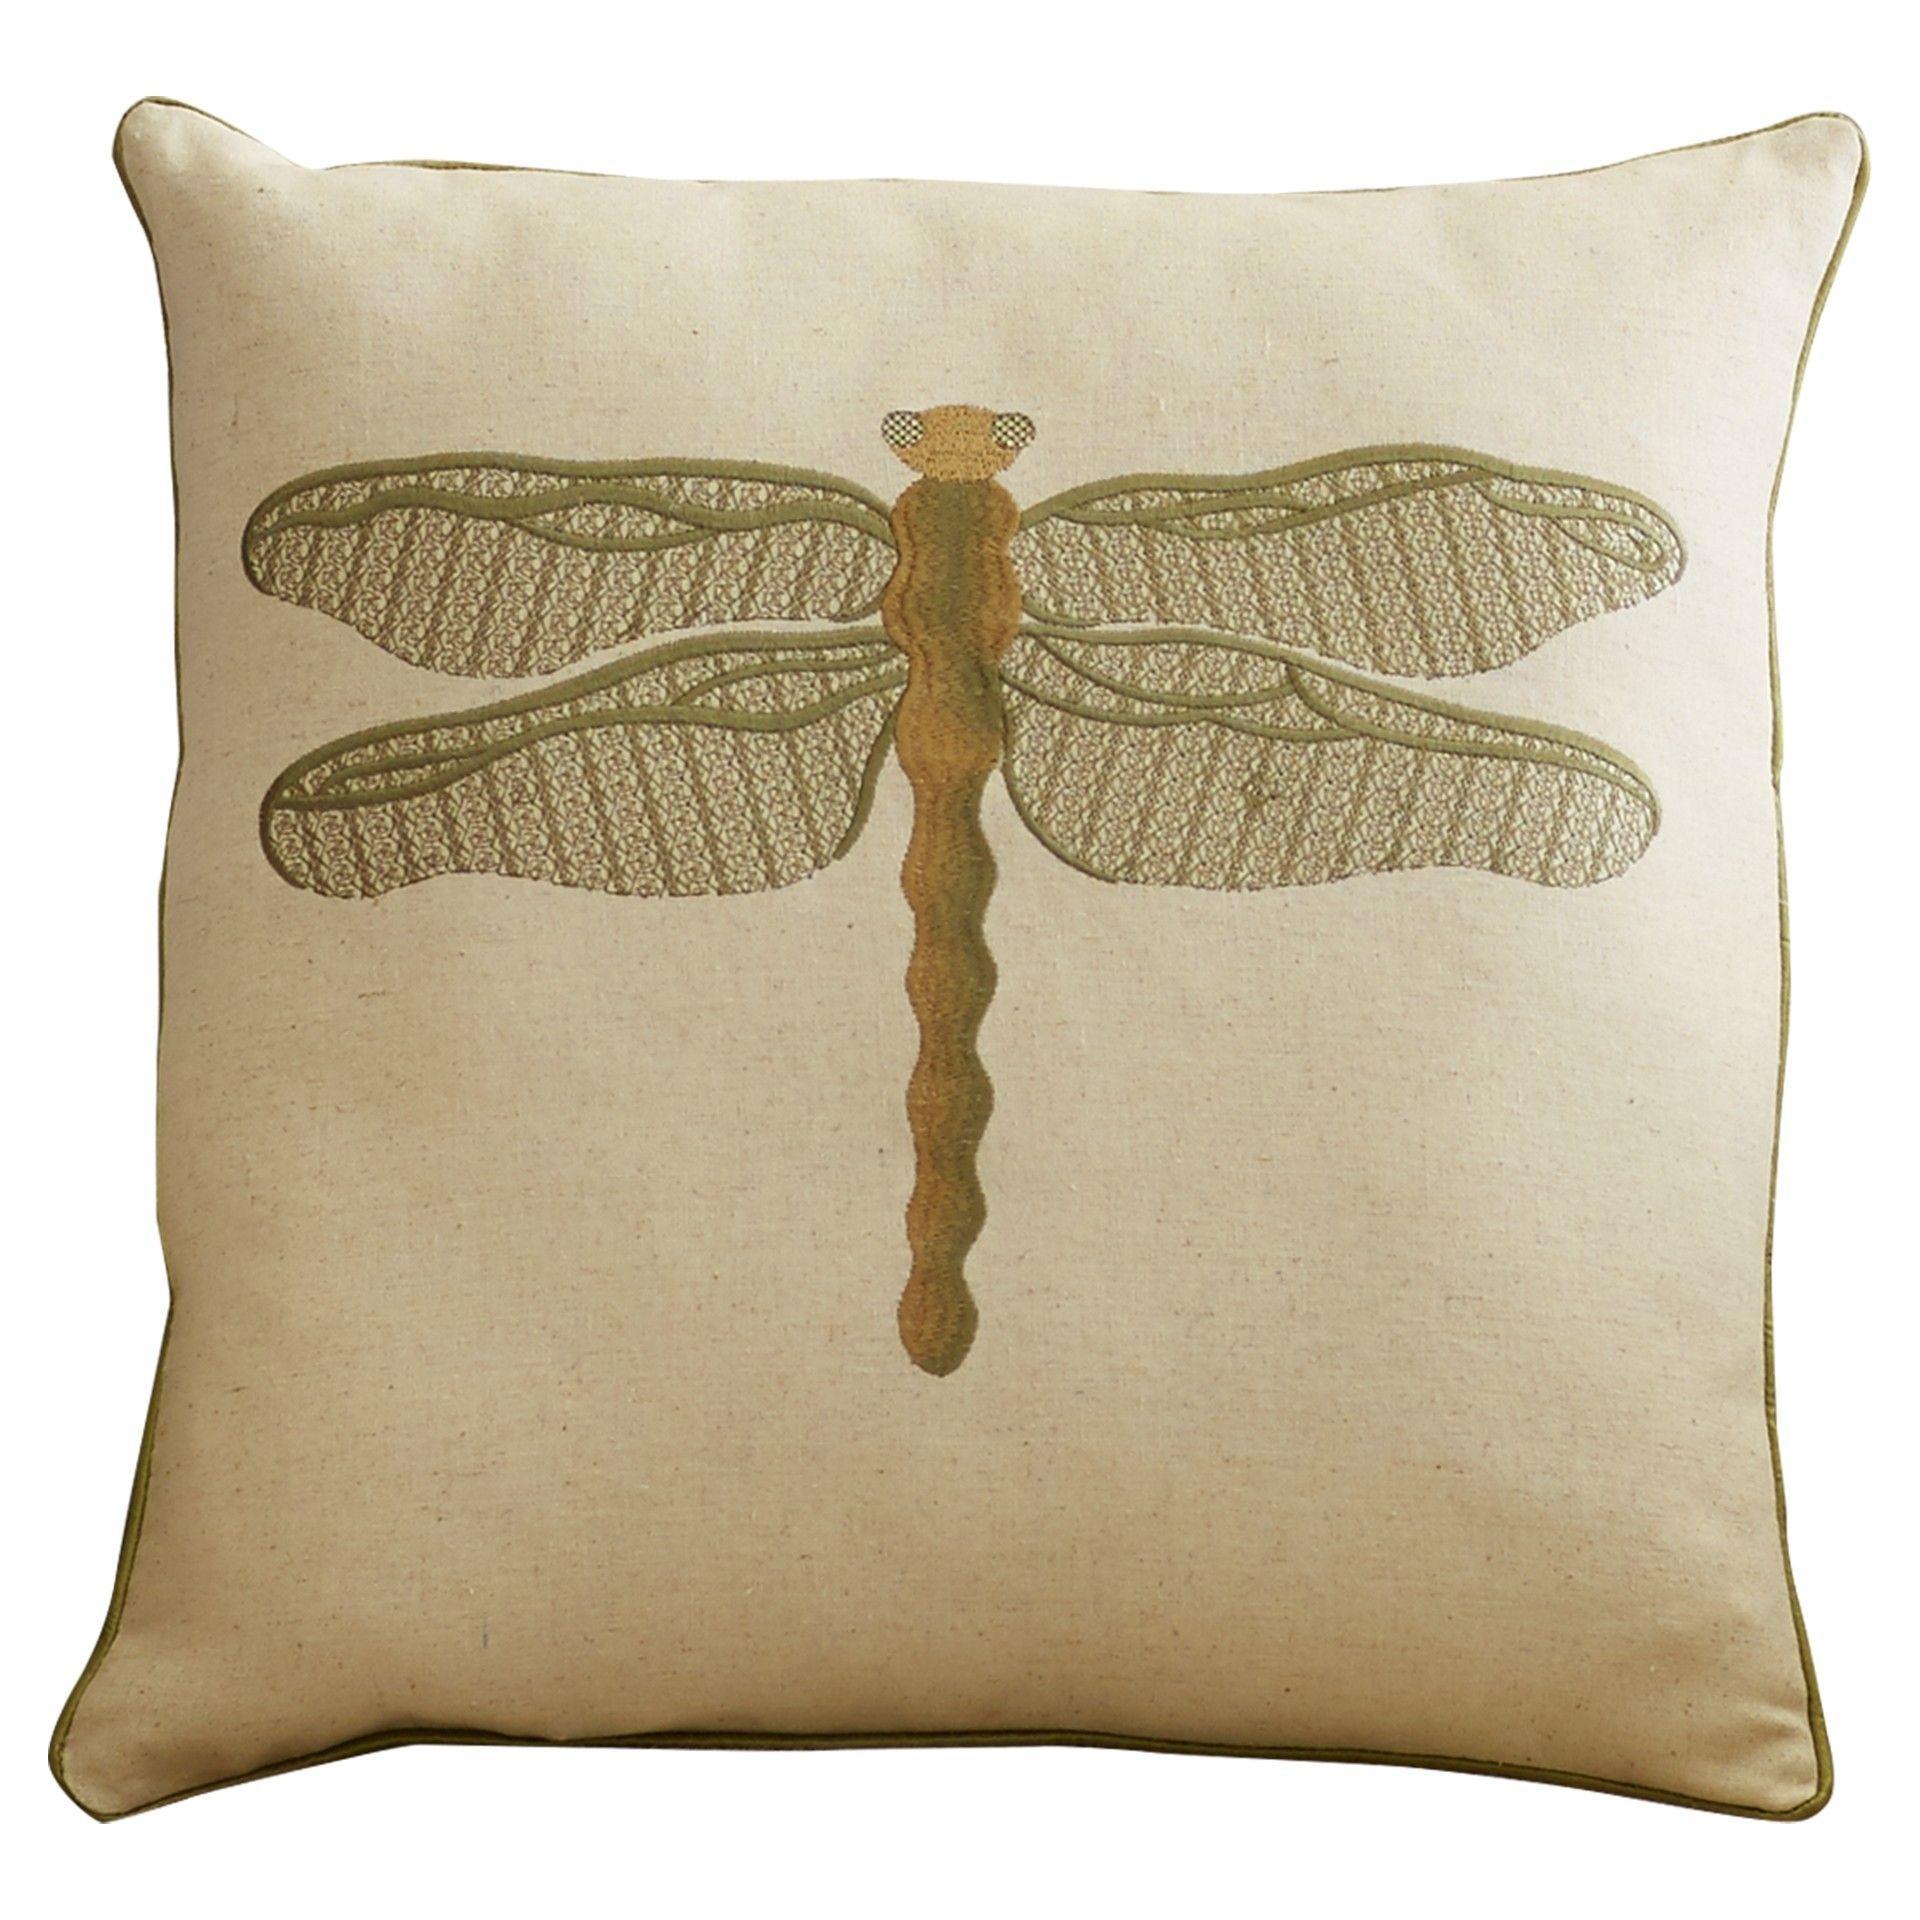 Lida Dragonfly Throw Pillow Throw Pillows Burlap Throw Pillows